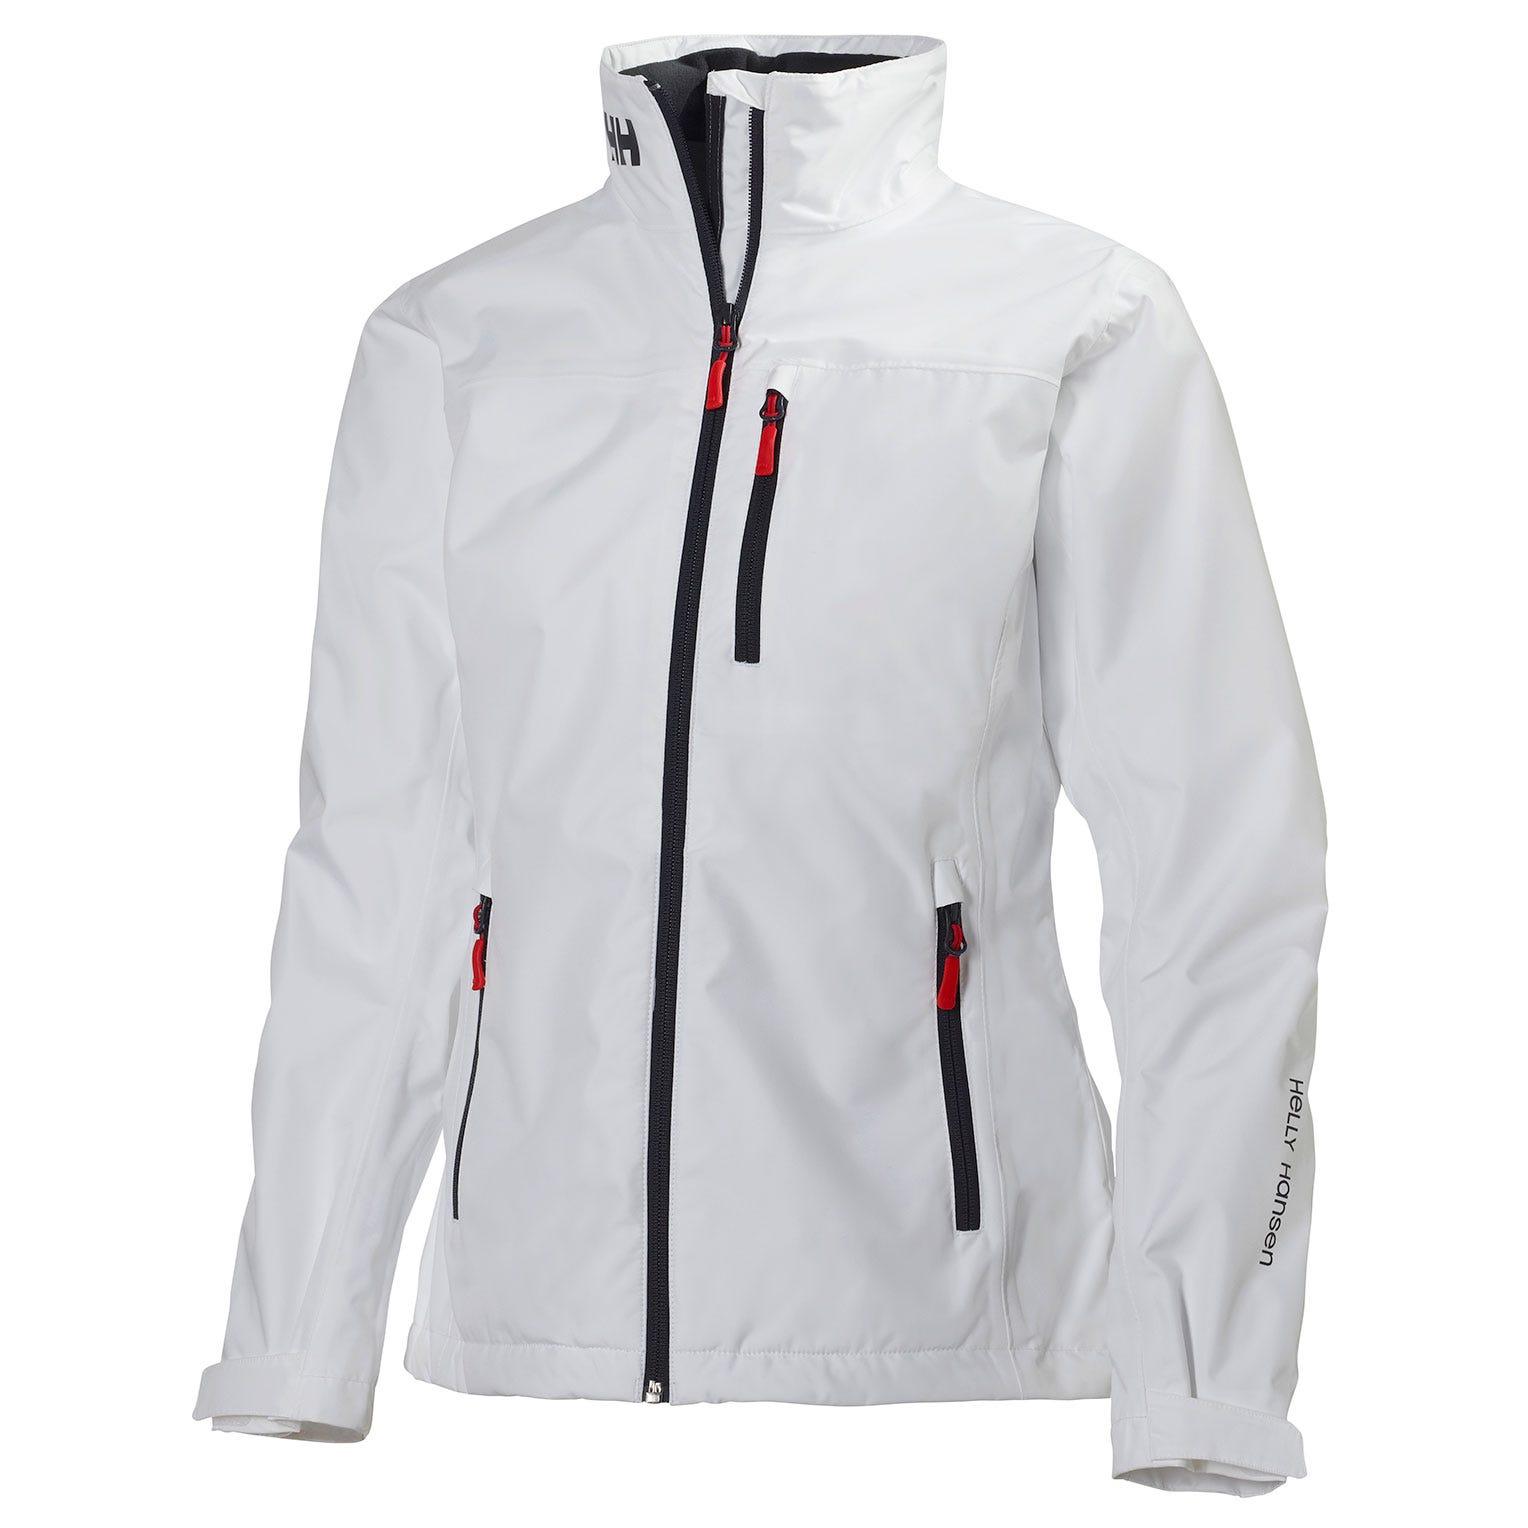 Bootsport 2019 Helly Hansen Womens Mid Layer Crew Jacket Alert Red 30317 Sonstige